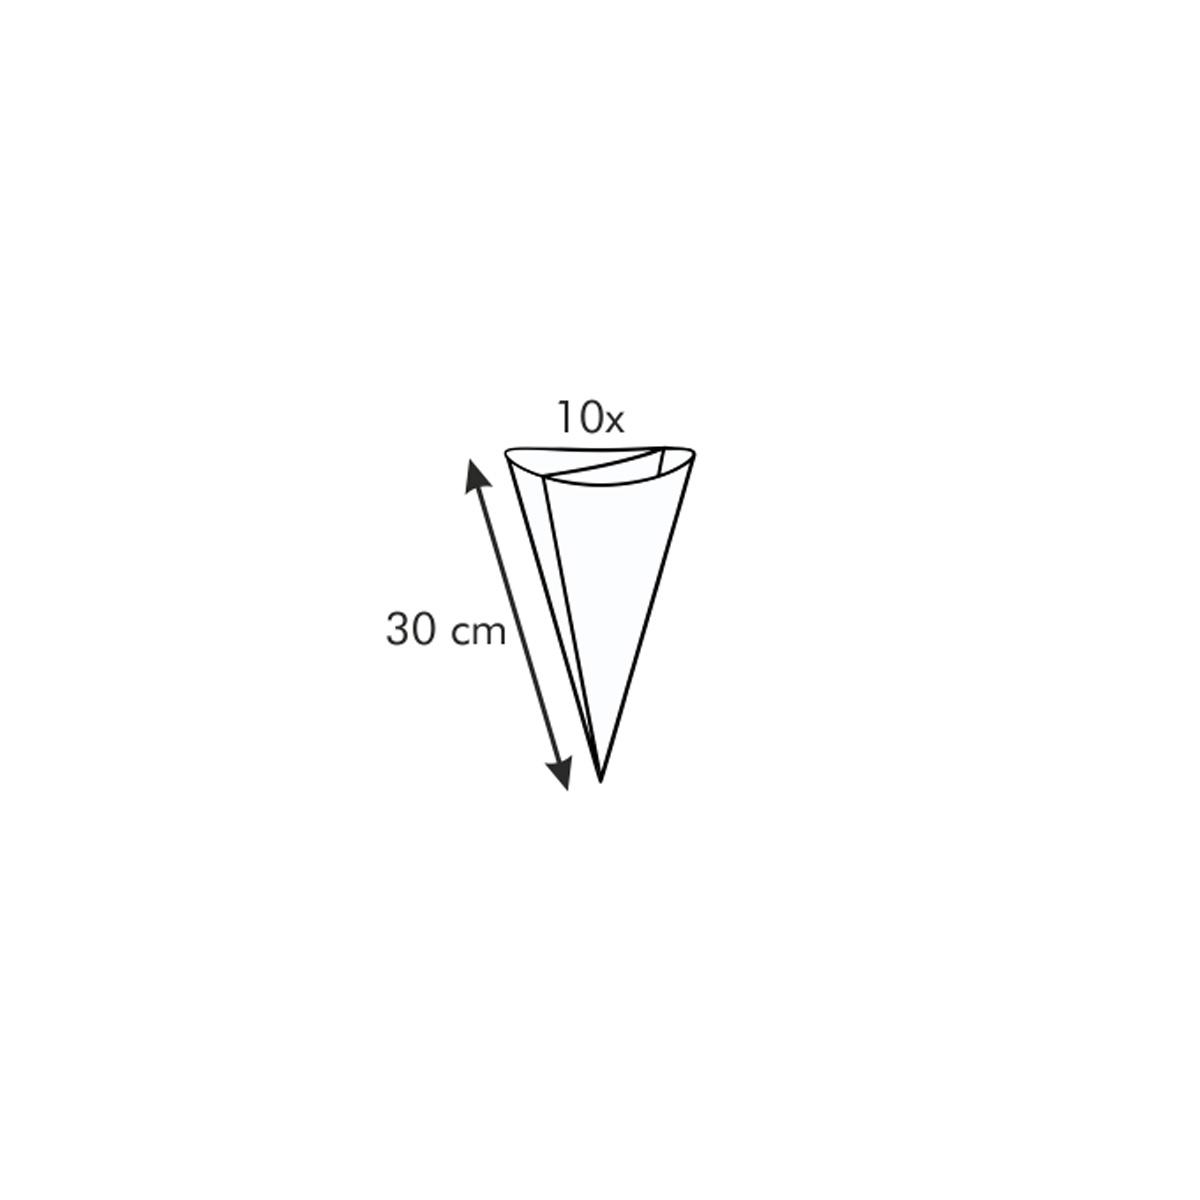 Zdobicí sáček dvojitý DELÍCIA 30 cm, 10 ks